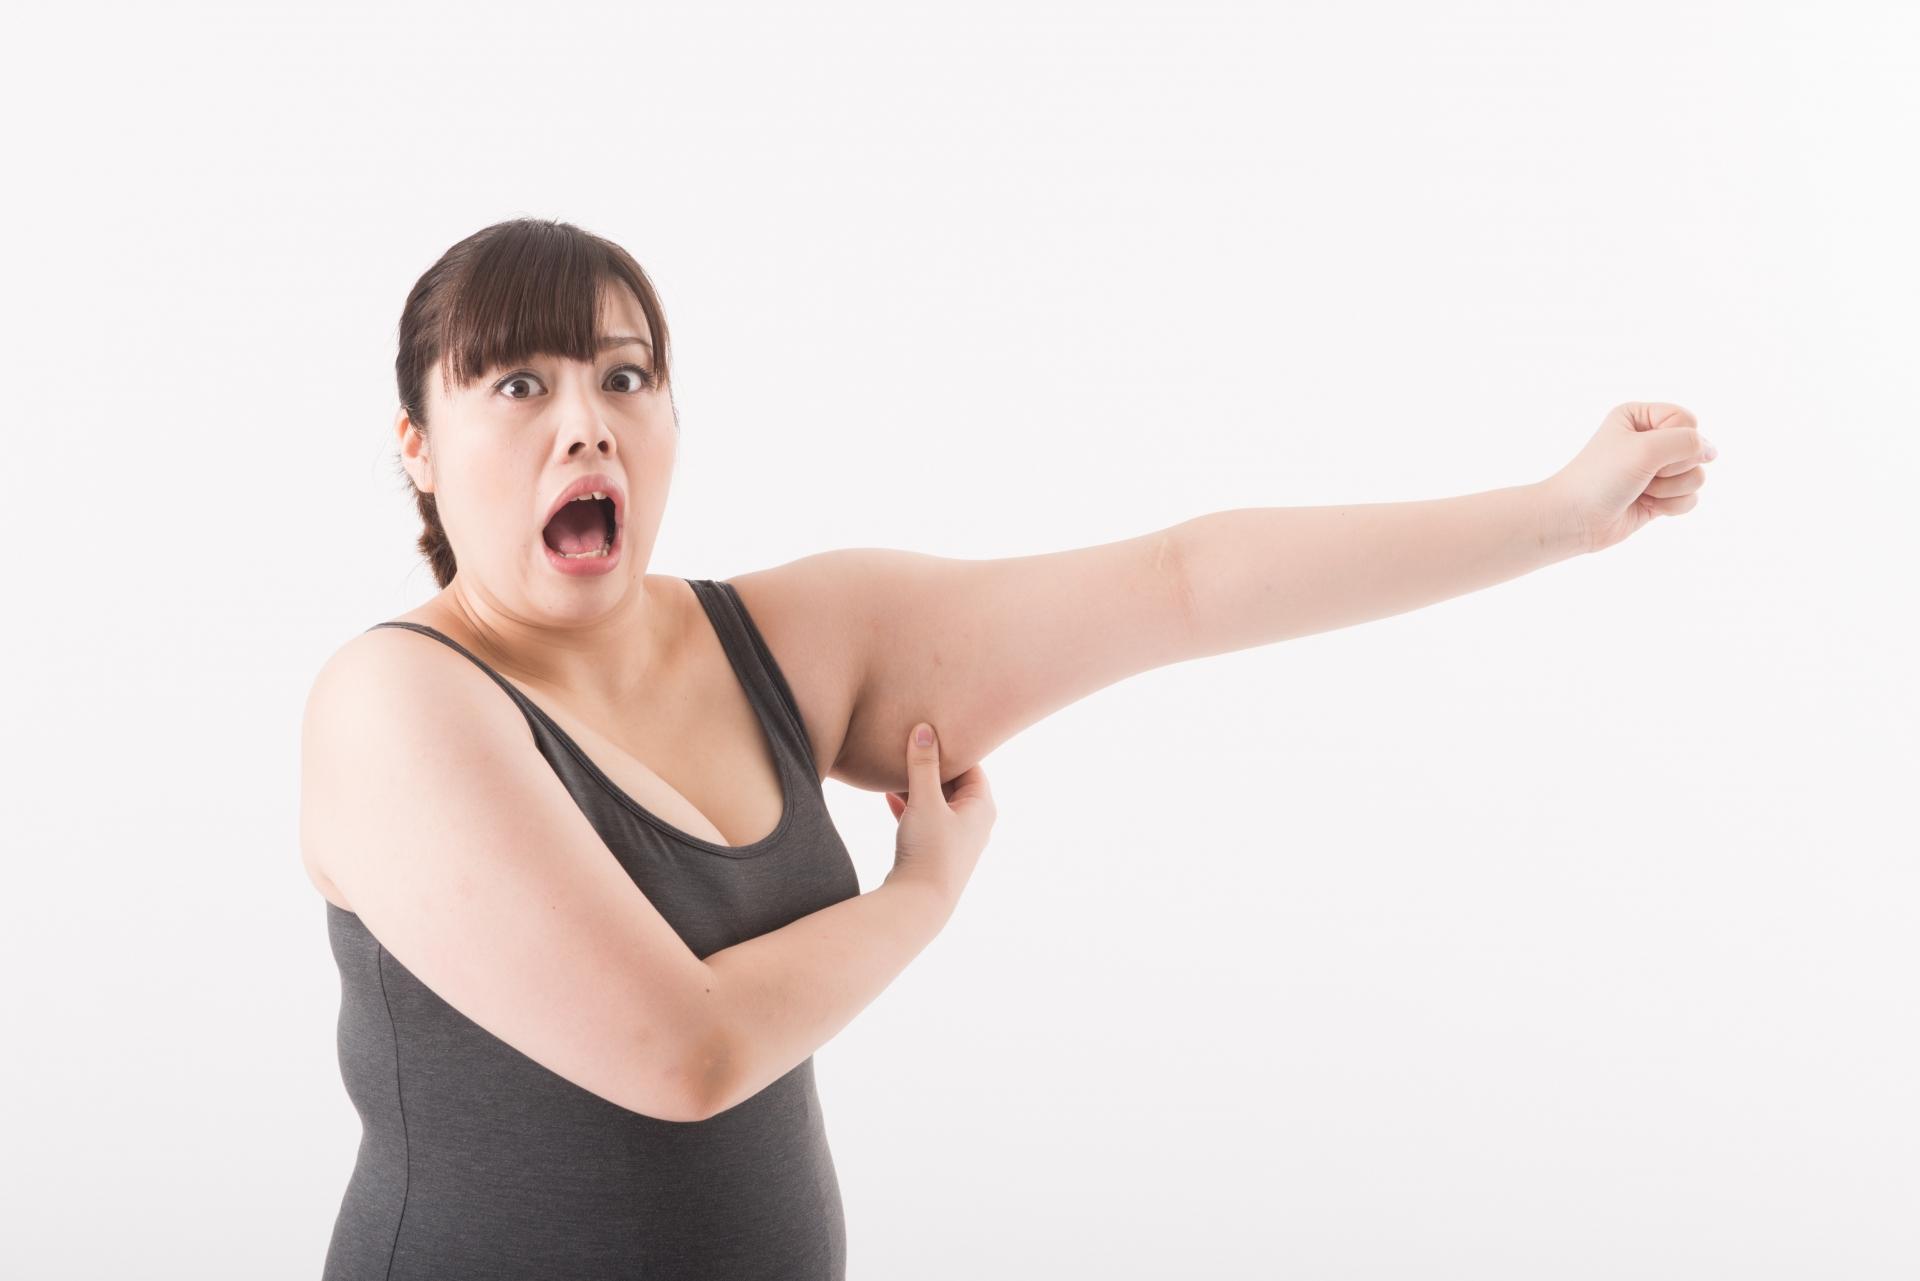 リンパ浮腫なら太るのはNG